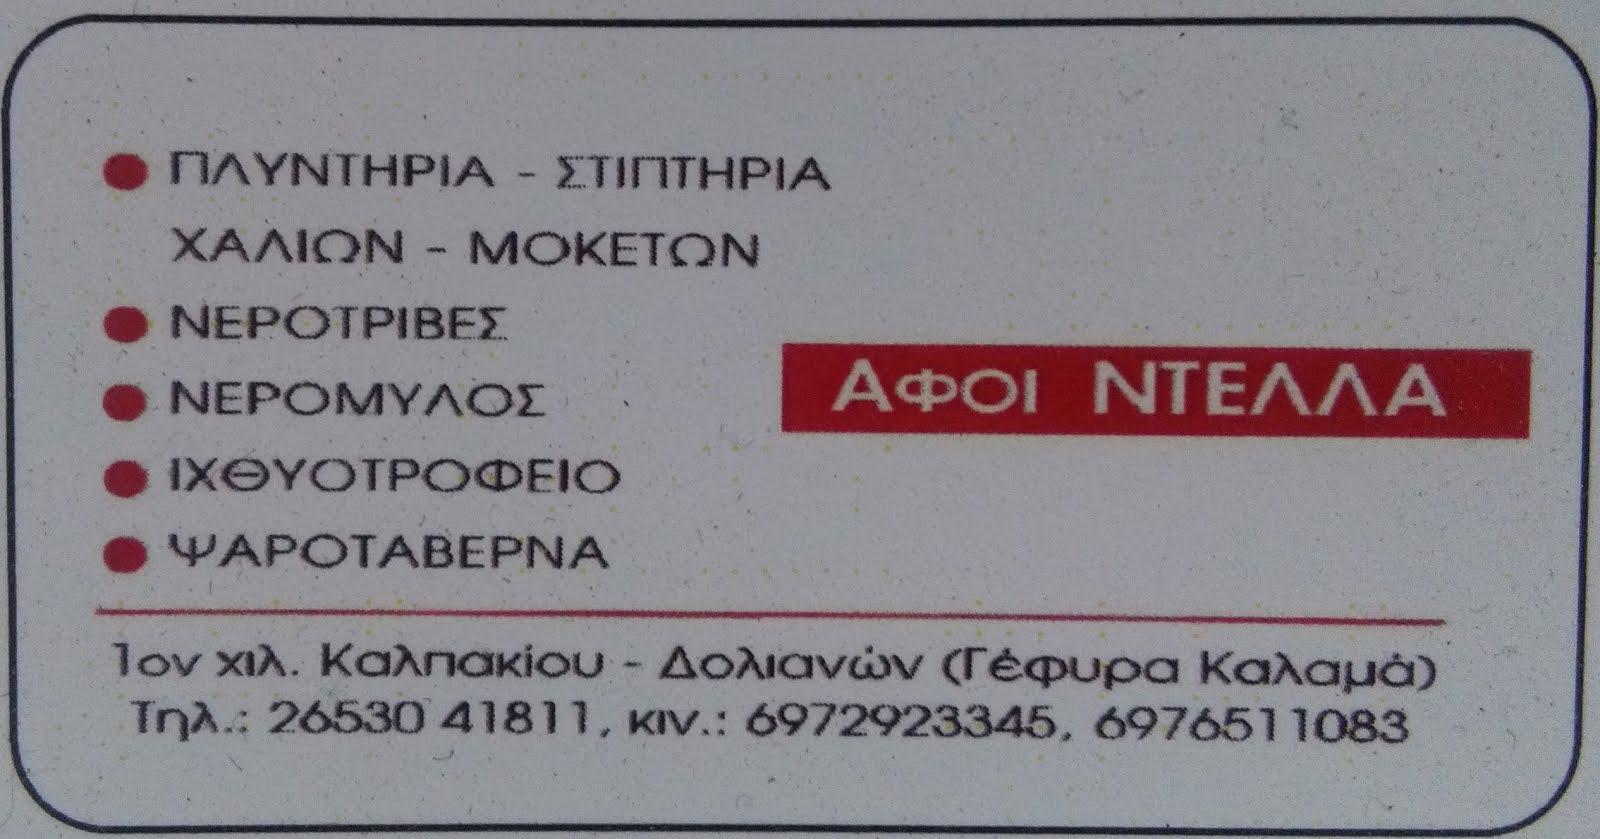 ΑΦΟΙ ΝΤΕΛΛΑ